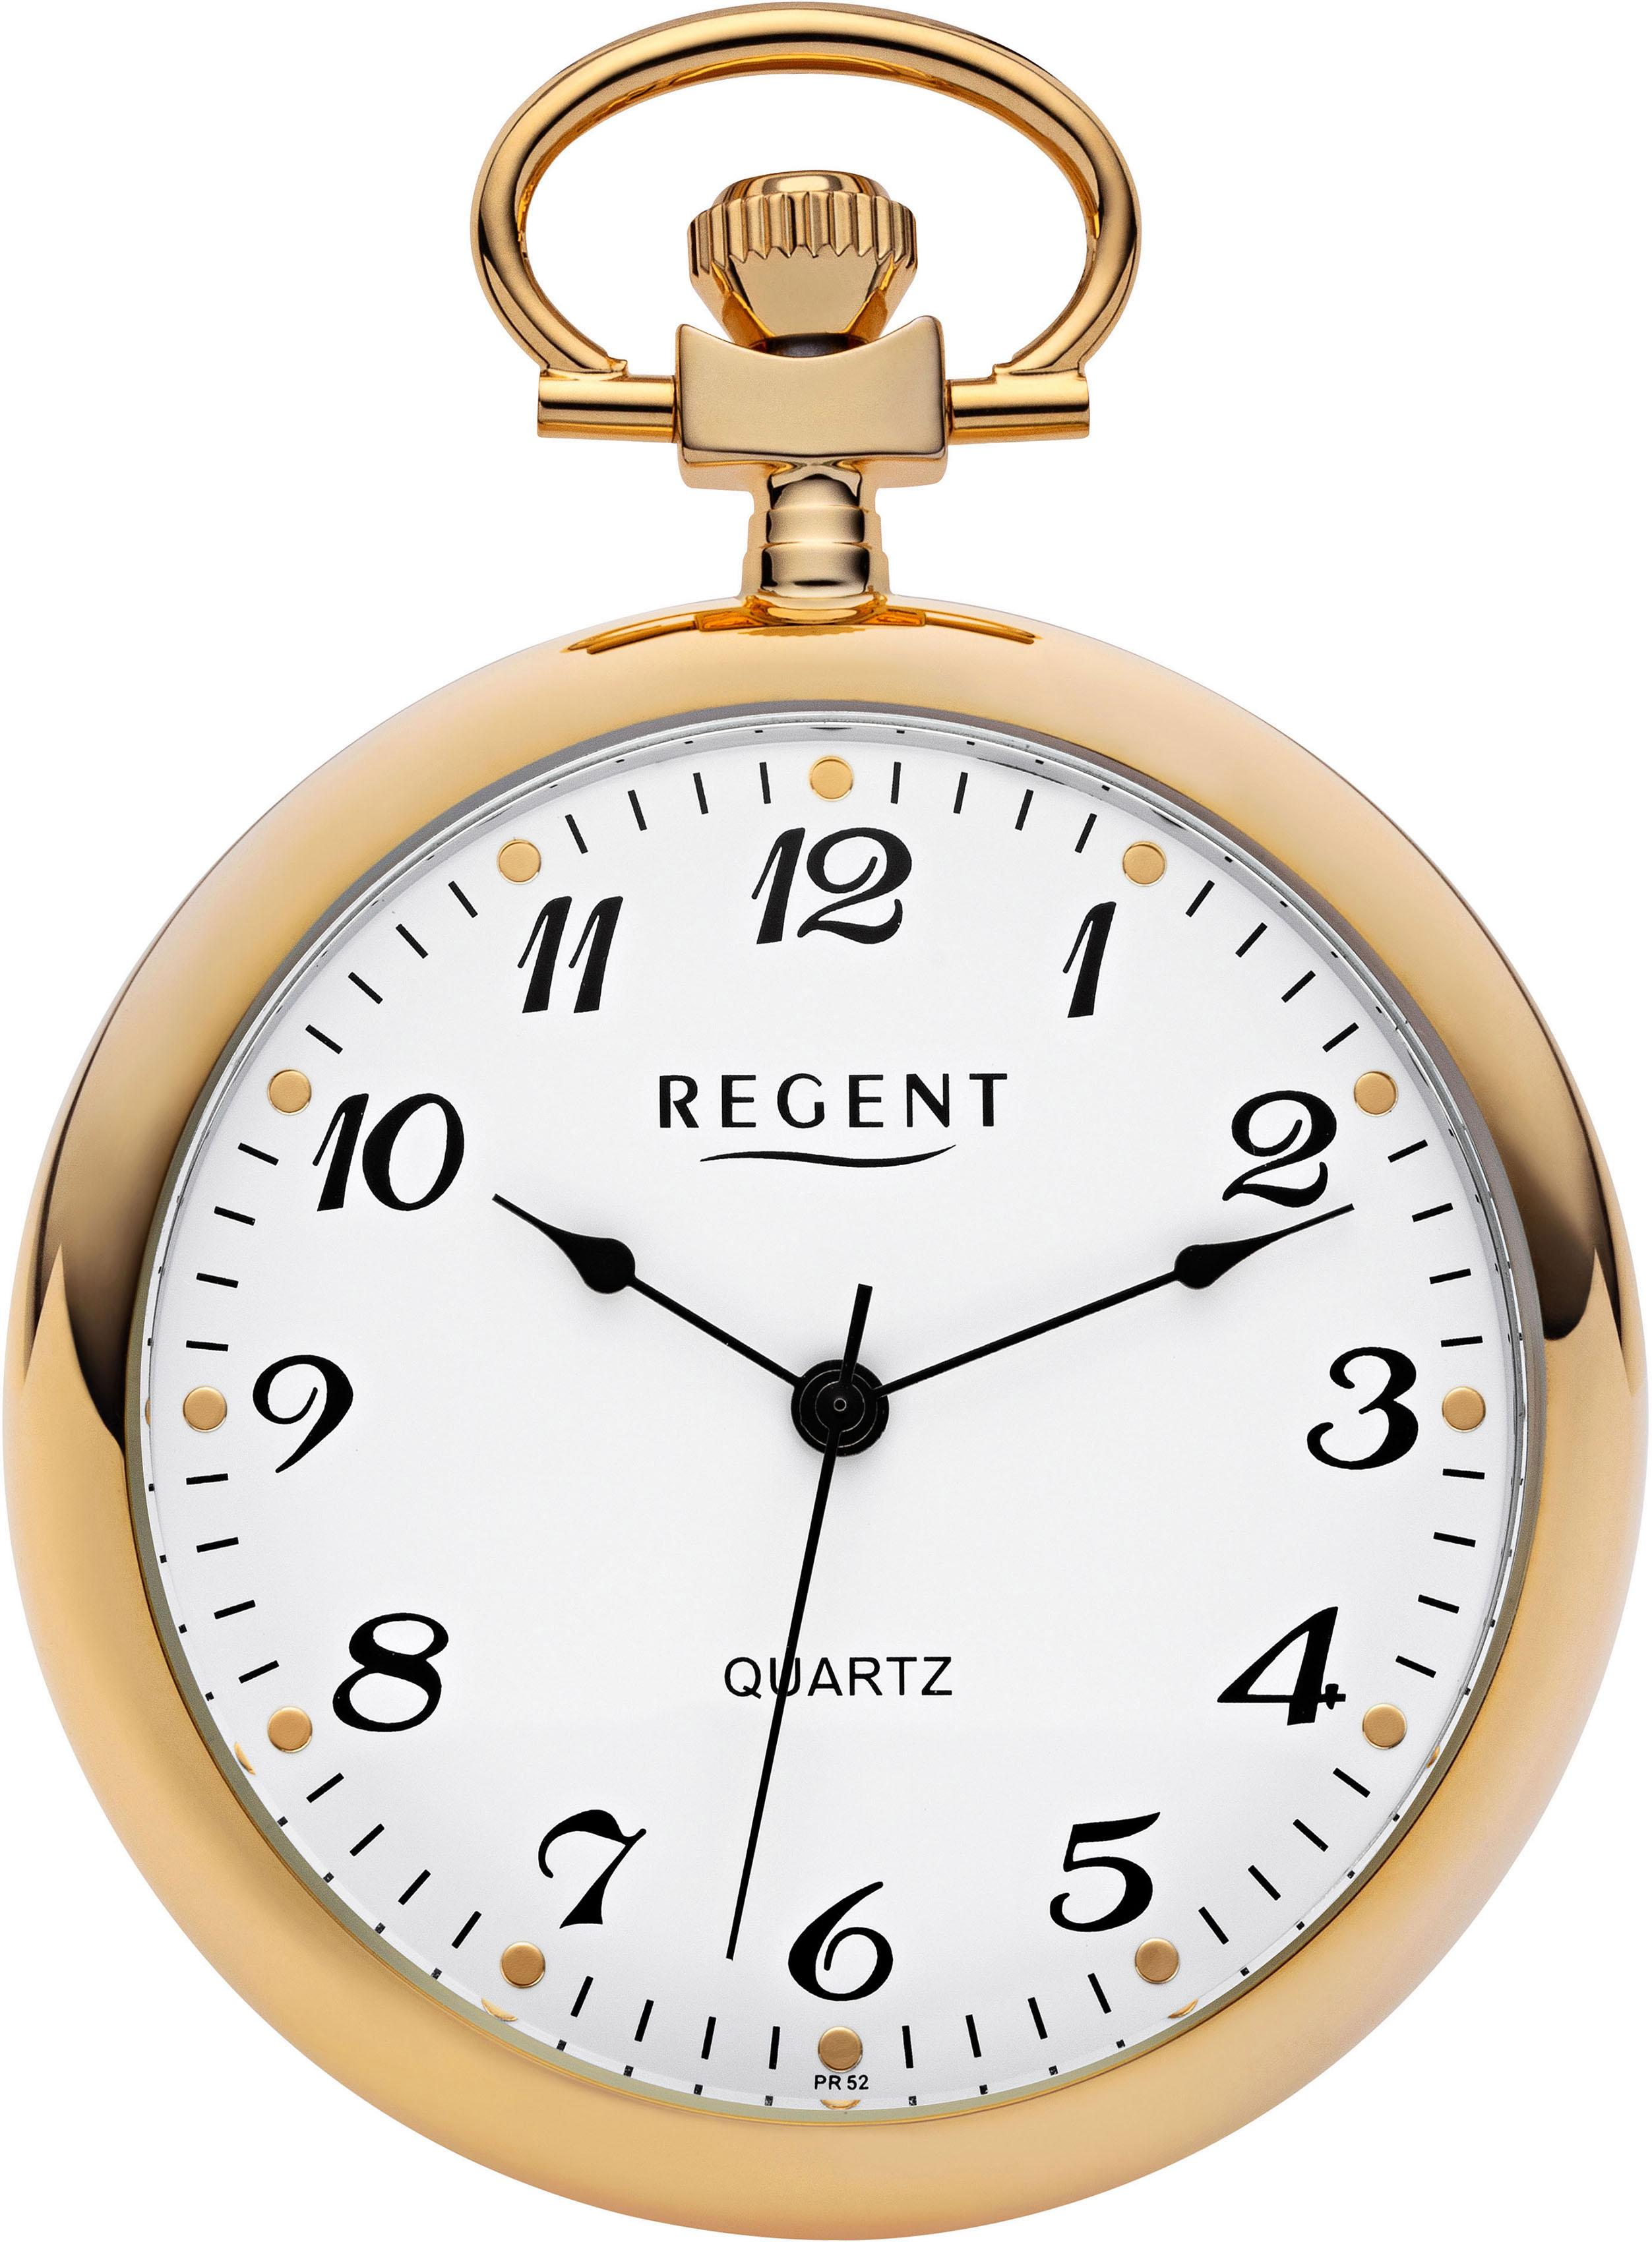 Regent Taschenuhr 11270015 (Set 2 tlg inkl Kette) | Uhren > Taschenuhren | Goldfarben | Regent